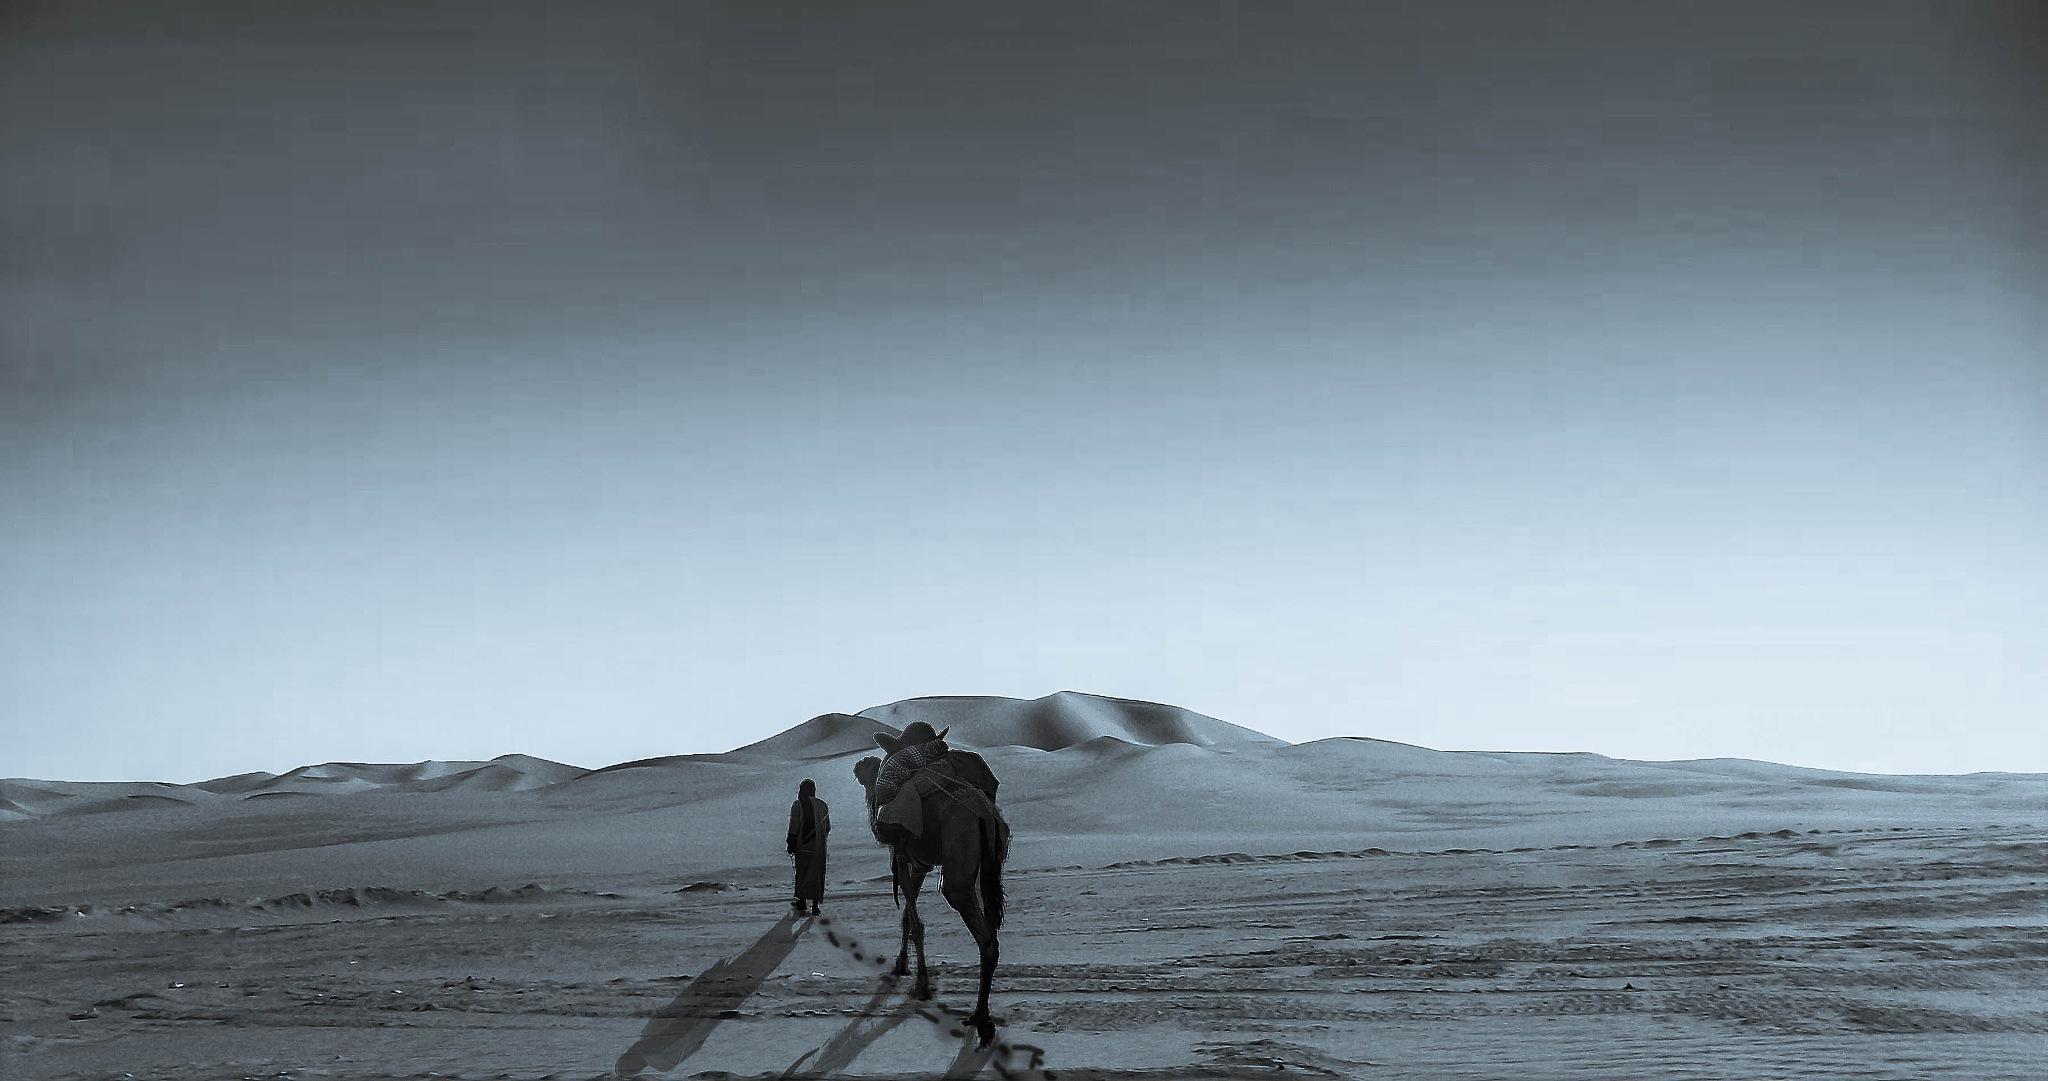 Walking in life. by Samir Sami